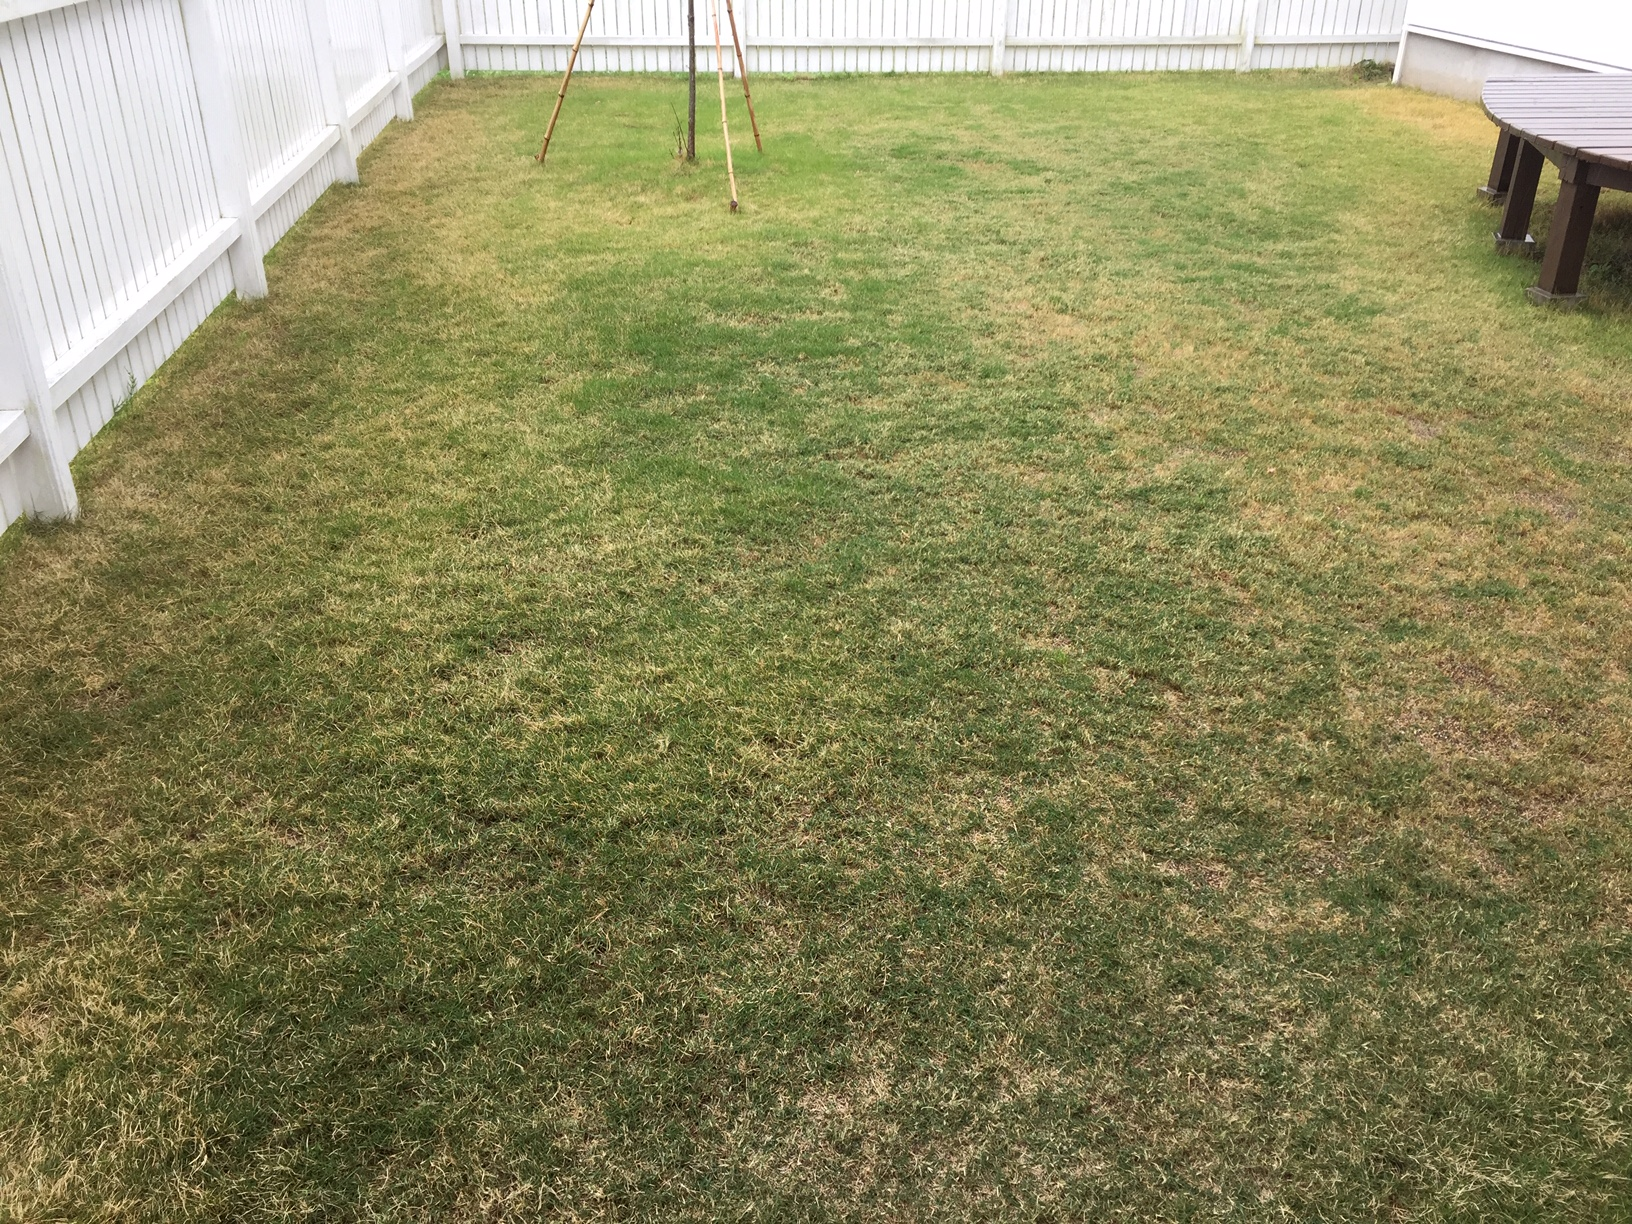 2020.05.16 芝生の状況(施肥)